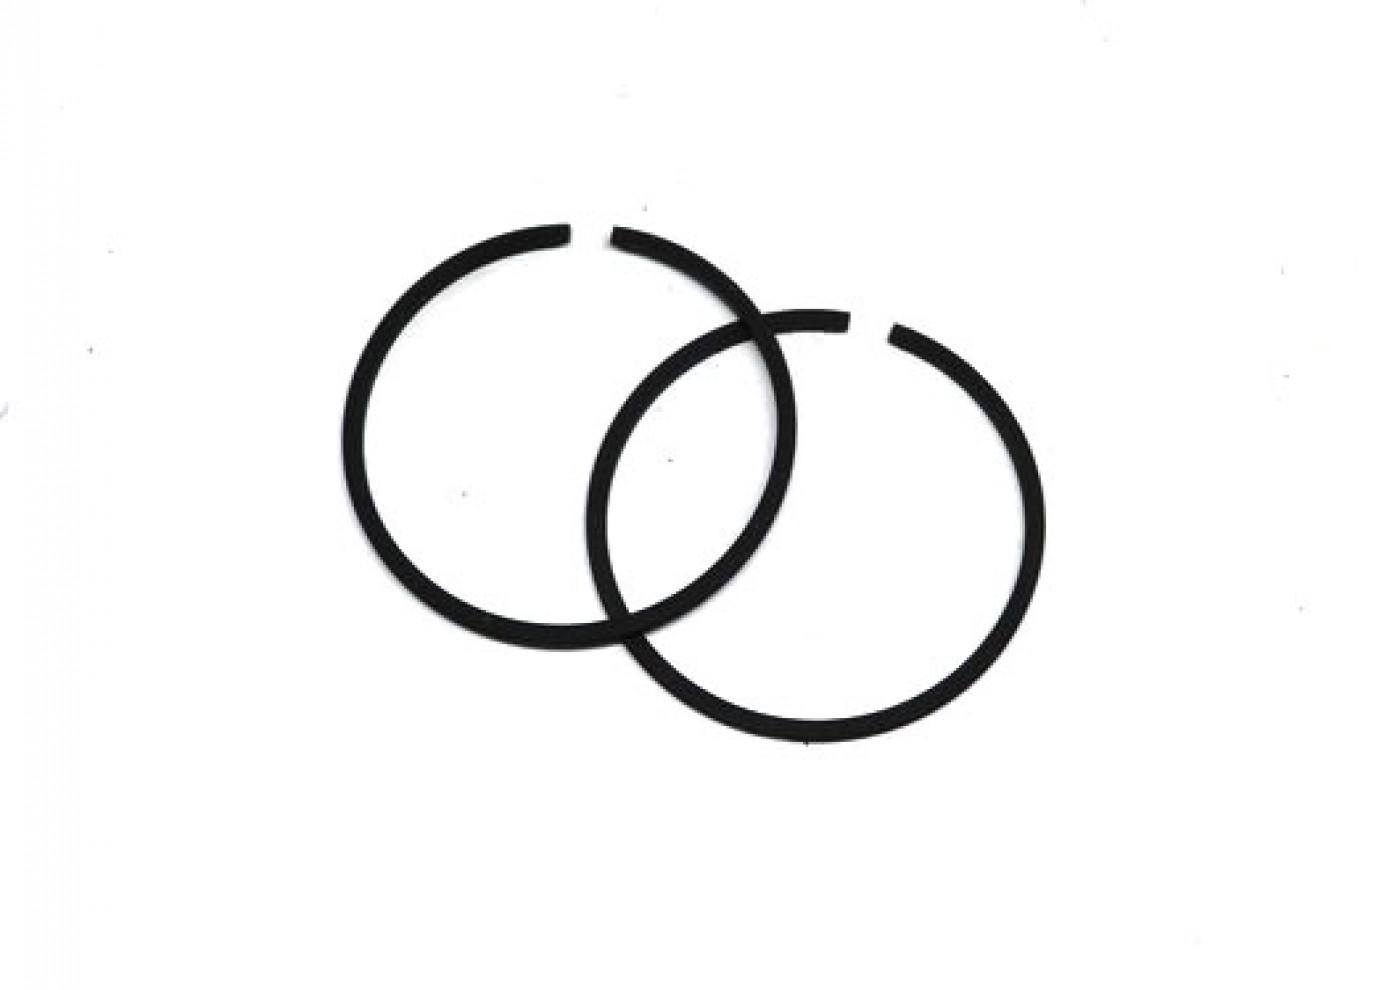 Sada pístních kroužků Stihl MS200 MS200T